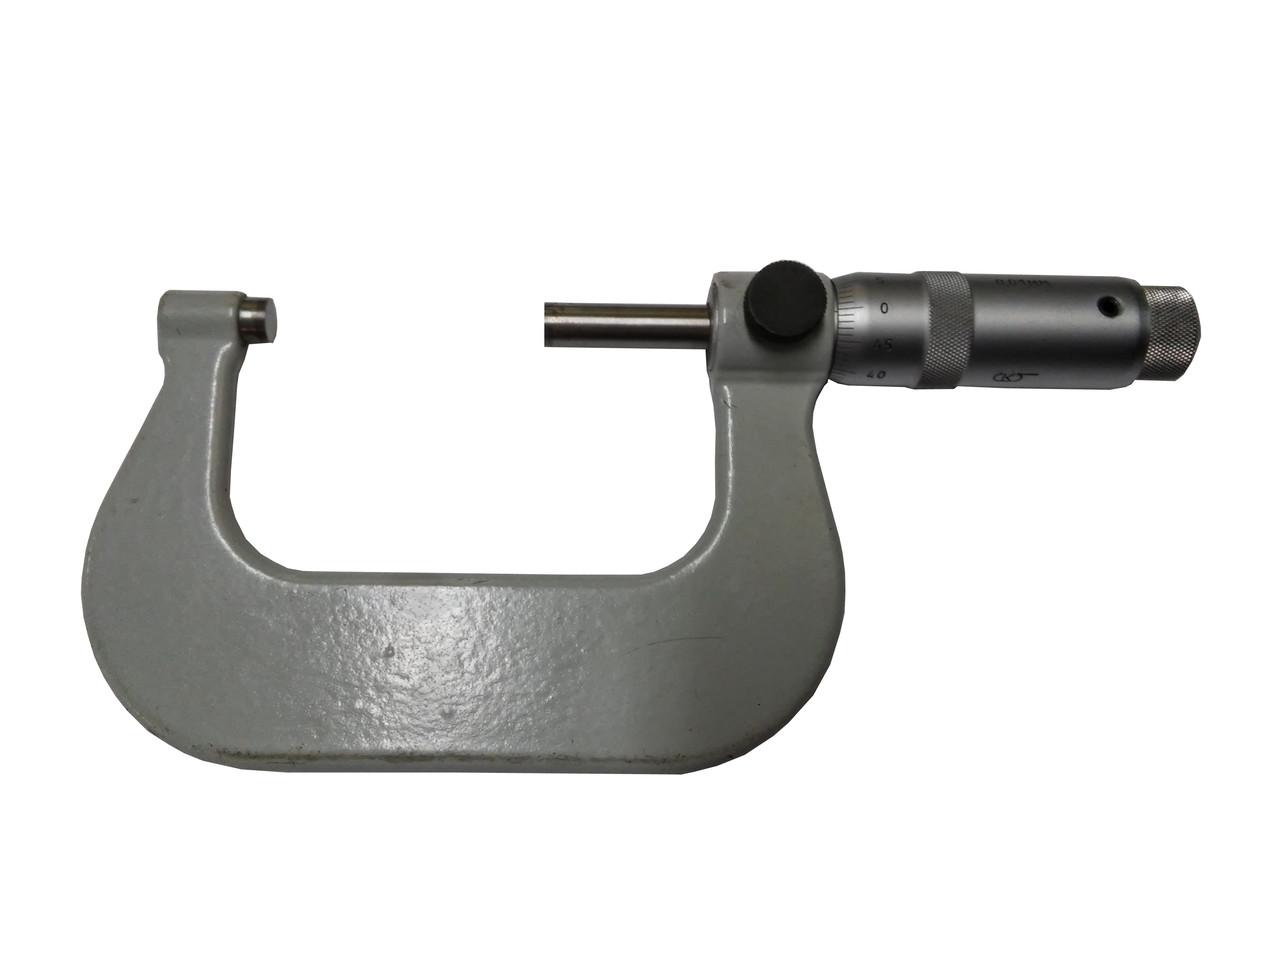 Микрометр МК 75 (50-75мм) ГОСТ 6507-60, Килибр, Россия